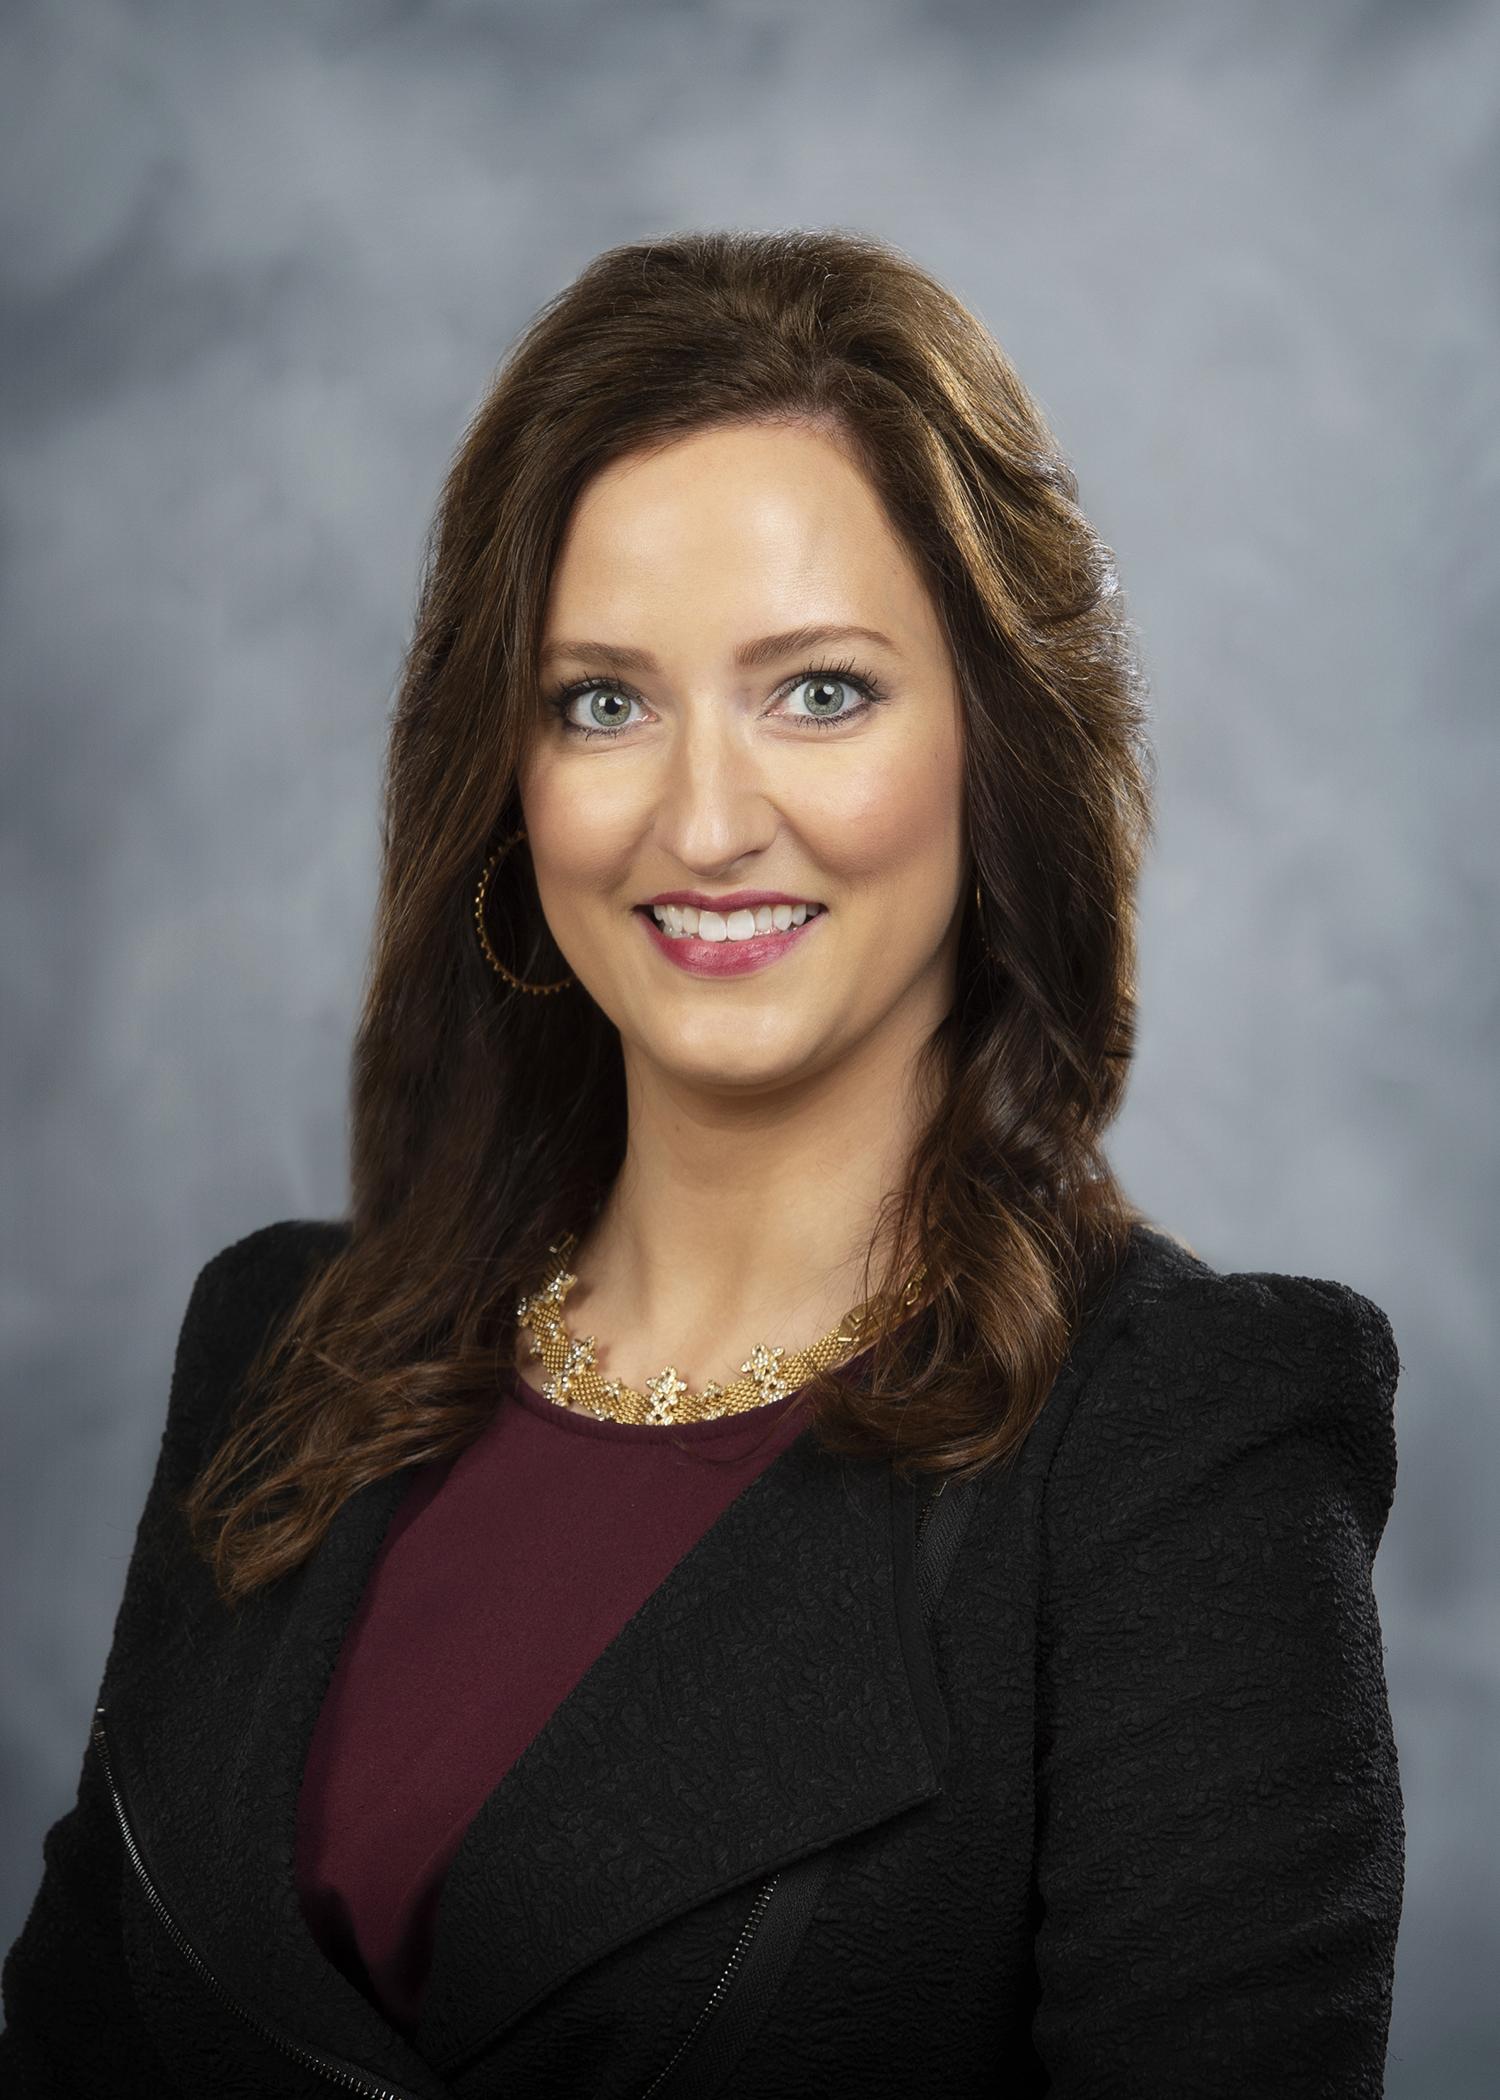 Dr. Laura Marler